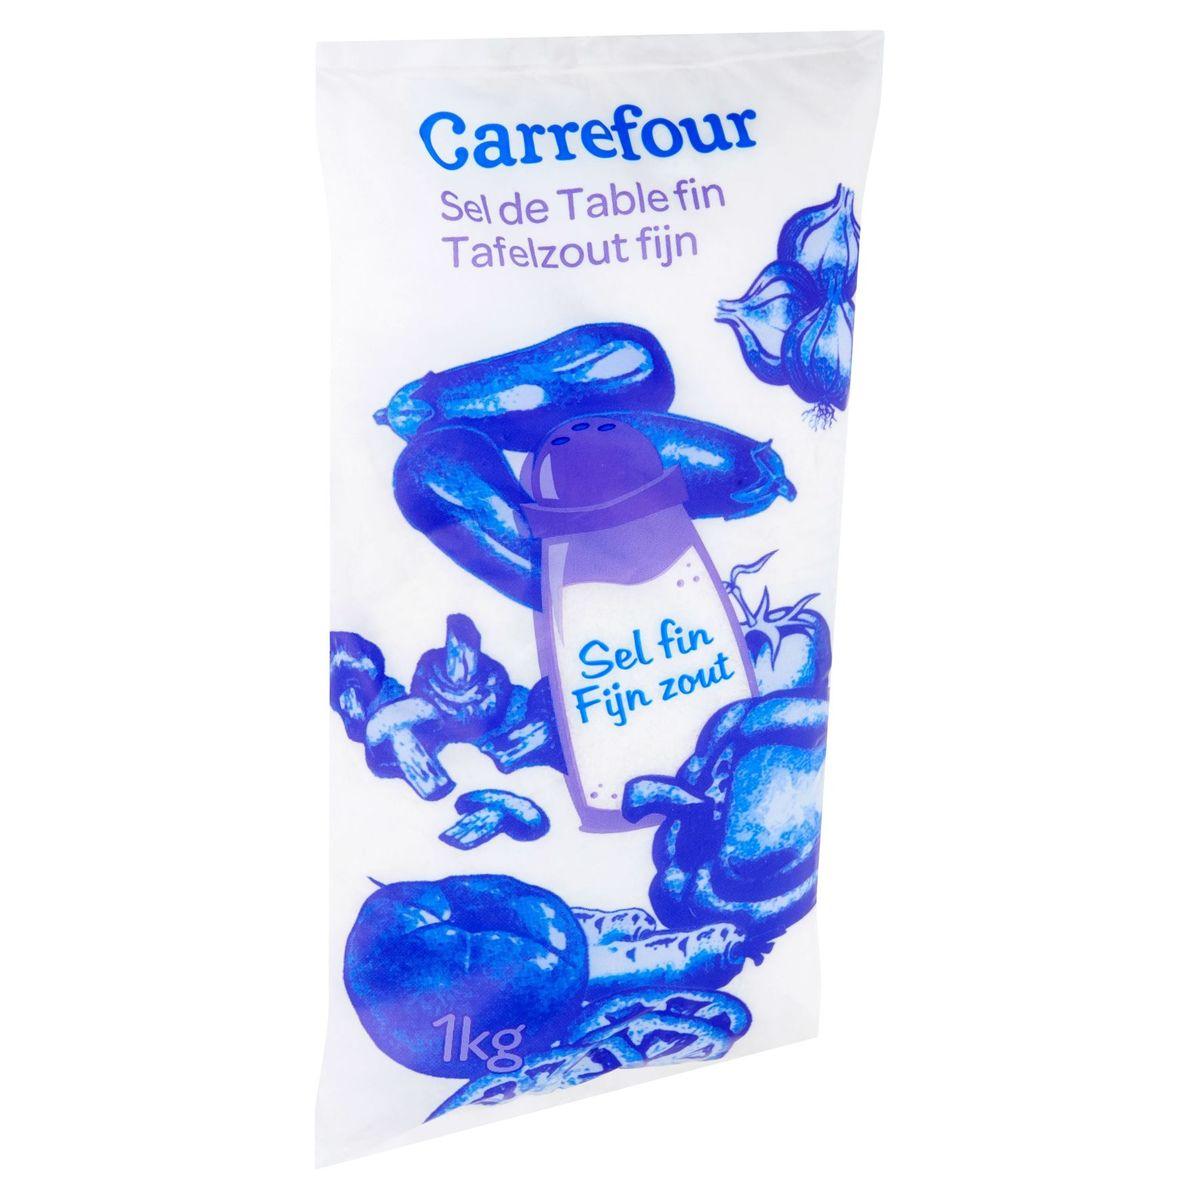 Carrefour Tafelzout Fijn 1 kg